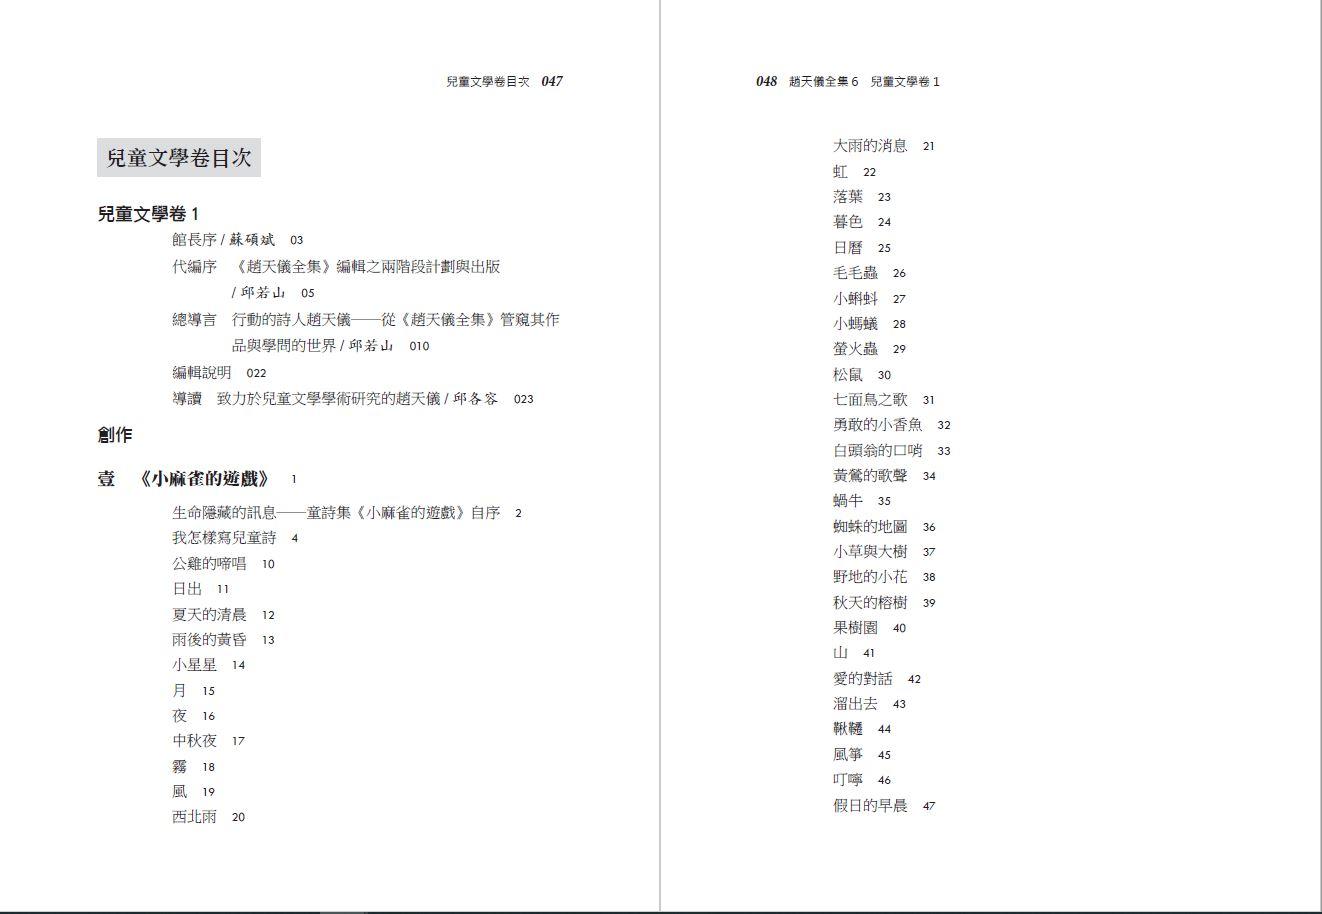 趙天儀全集-兒童文學卷-目錄1.JPG